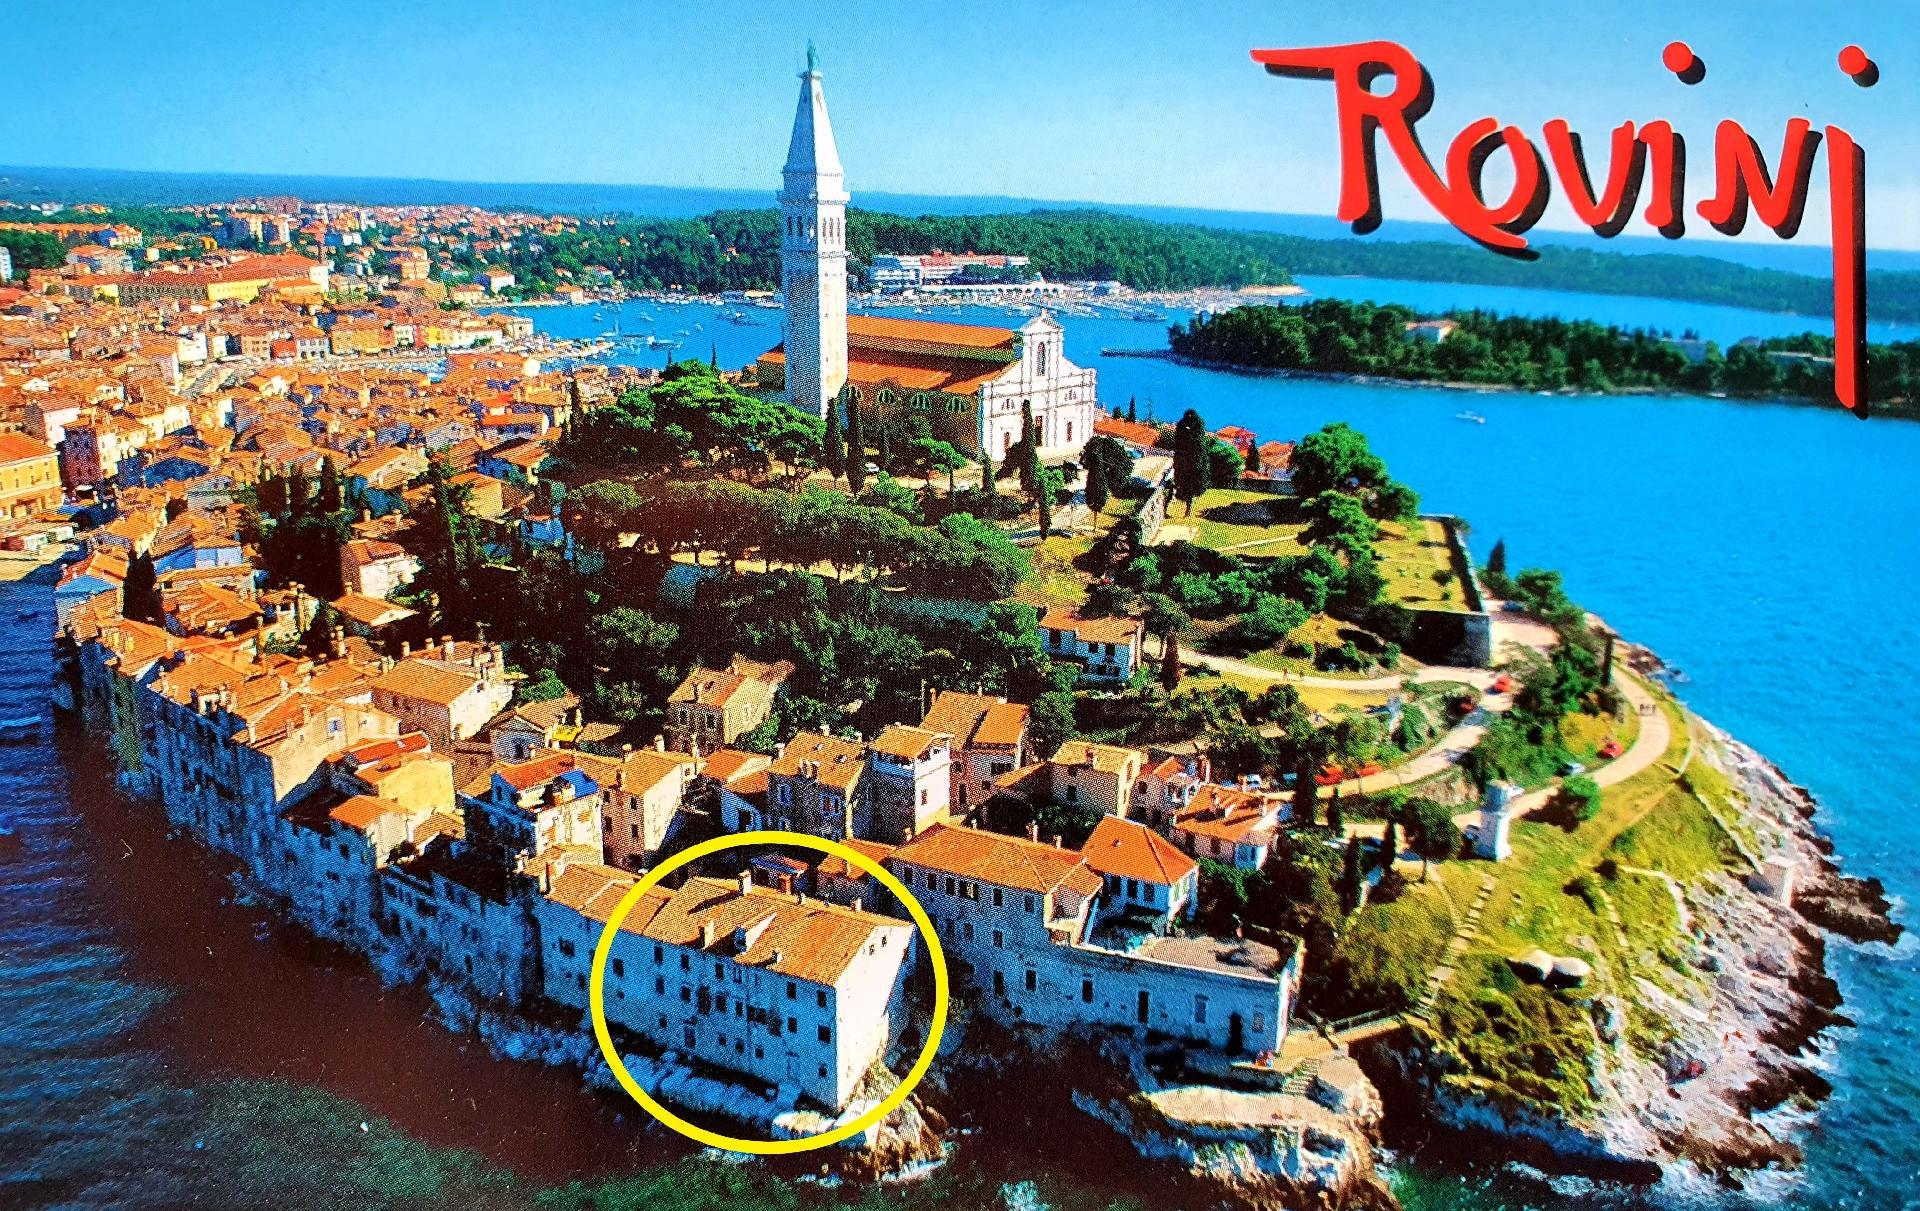 FEWO 8 in ROVINJ direkt am Meer  in Kroatien